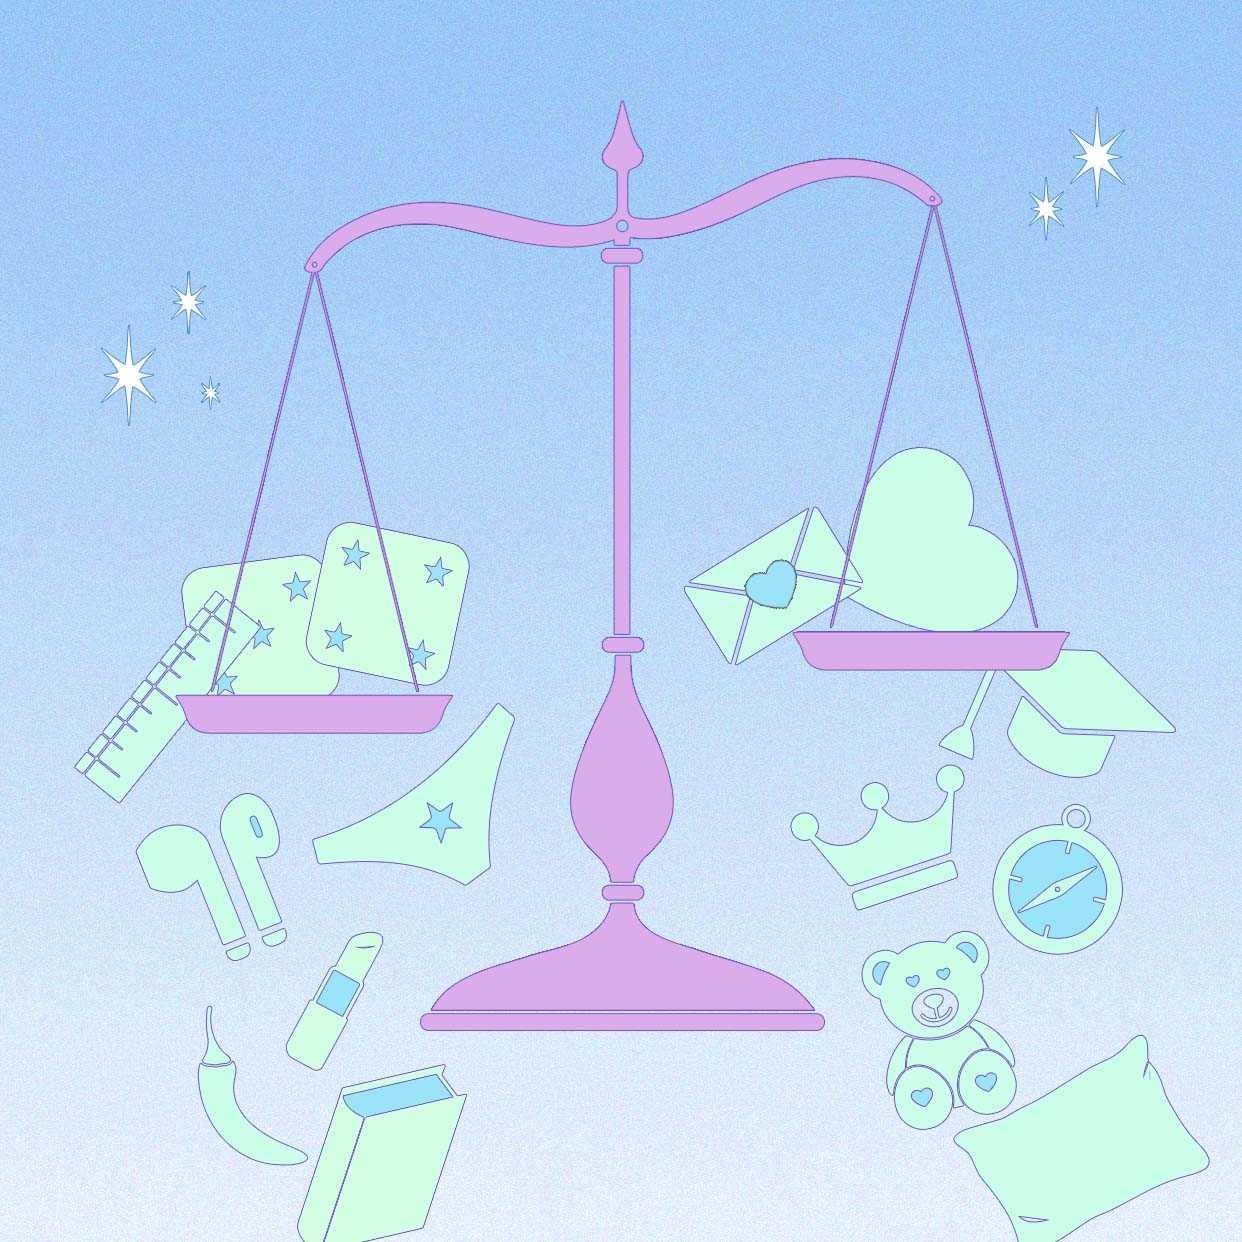 L'horoscope du mois d'octobre joue au chamboule-tout